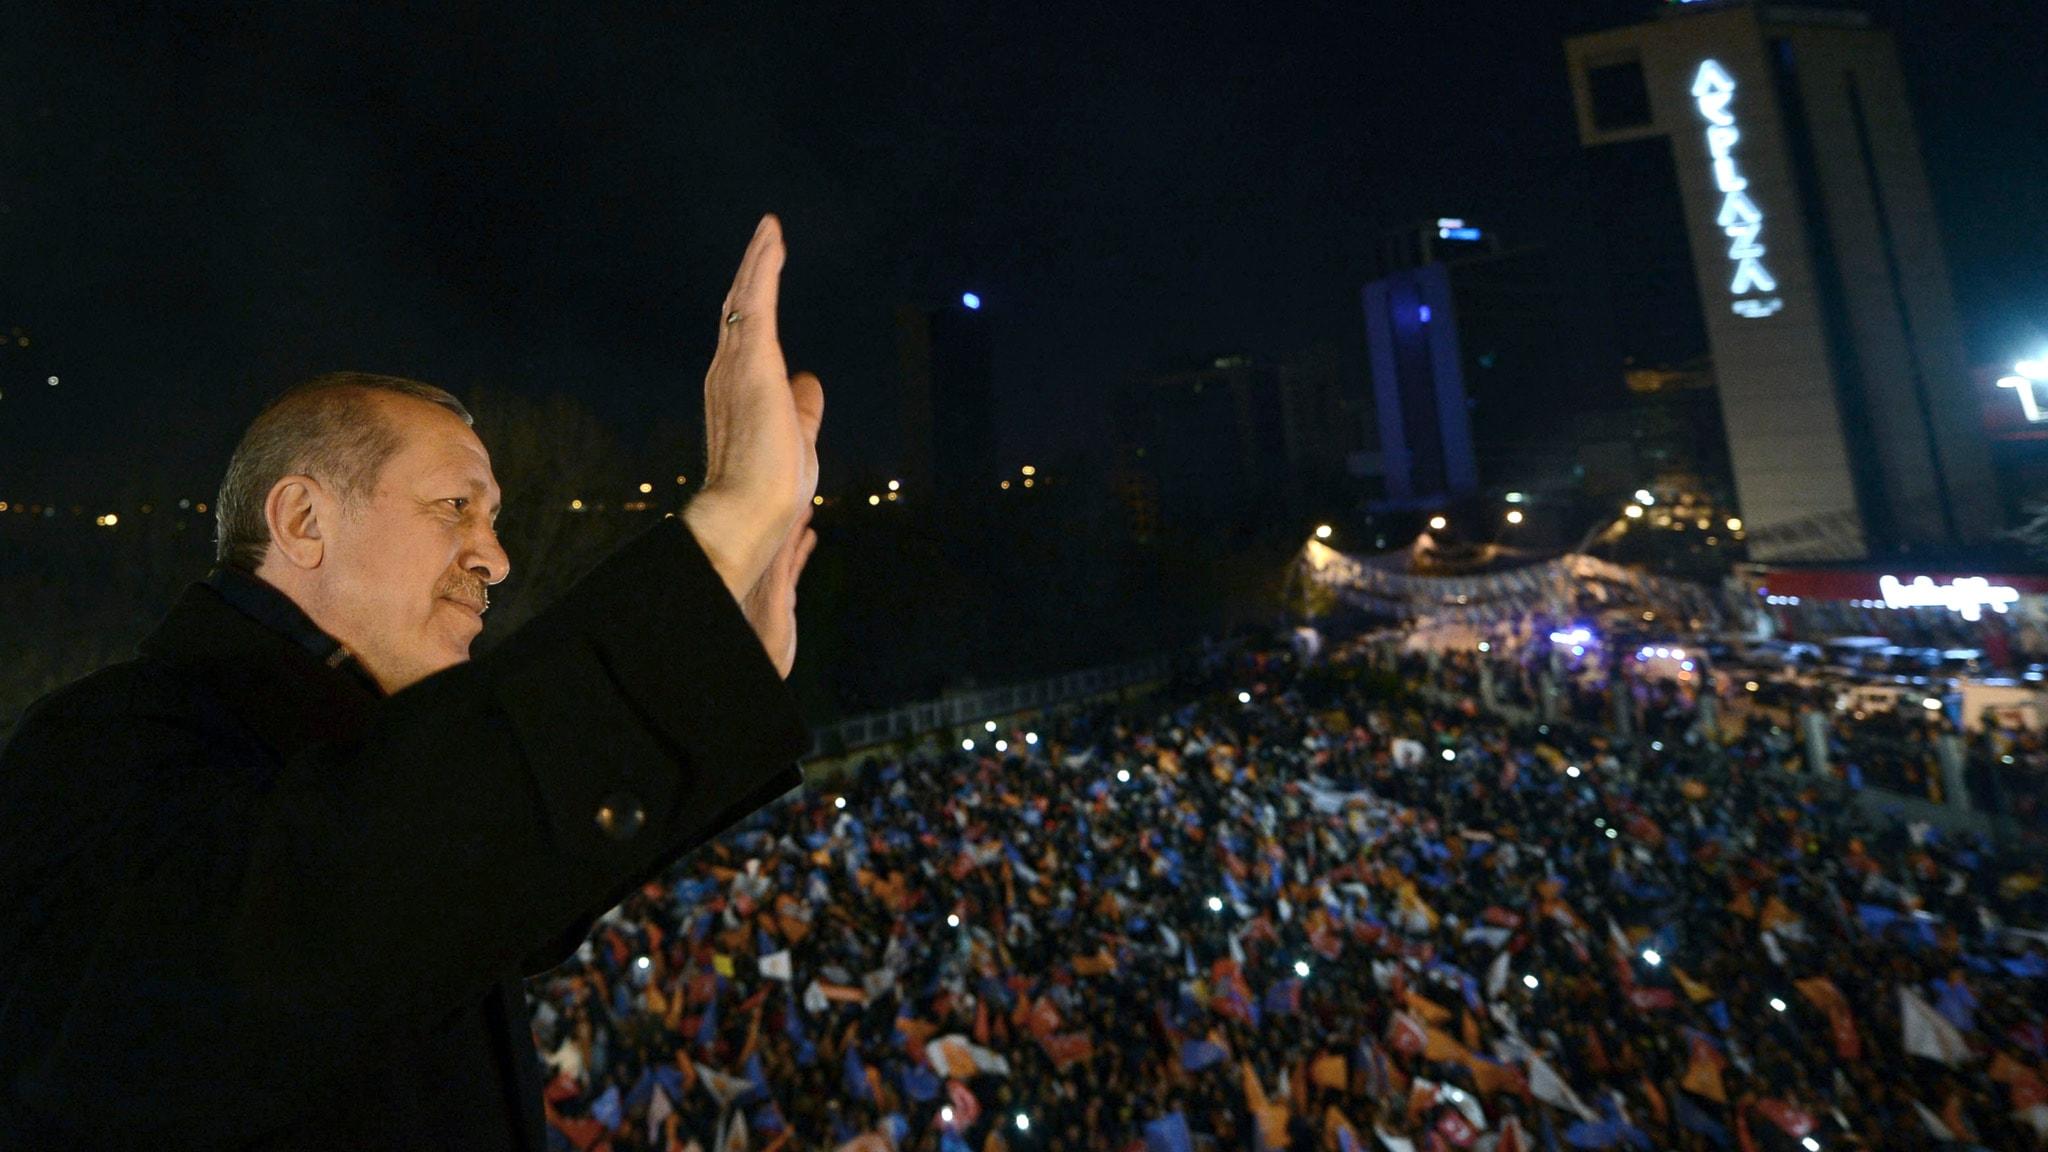 Erdogan vinkar till väljarna. Foto: Kayhan Ozer/TT